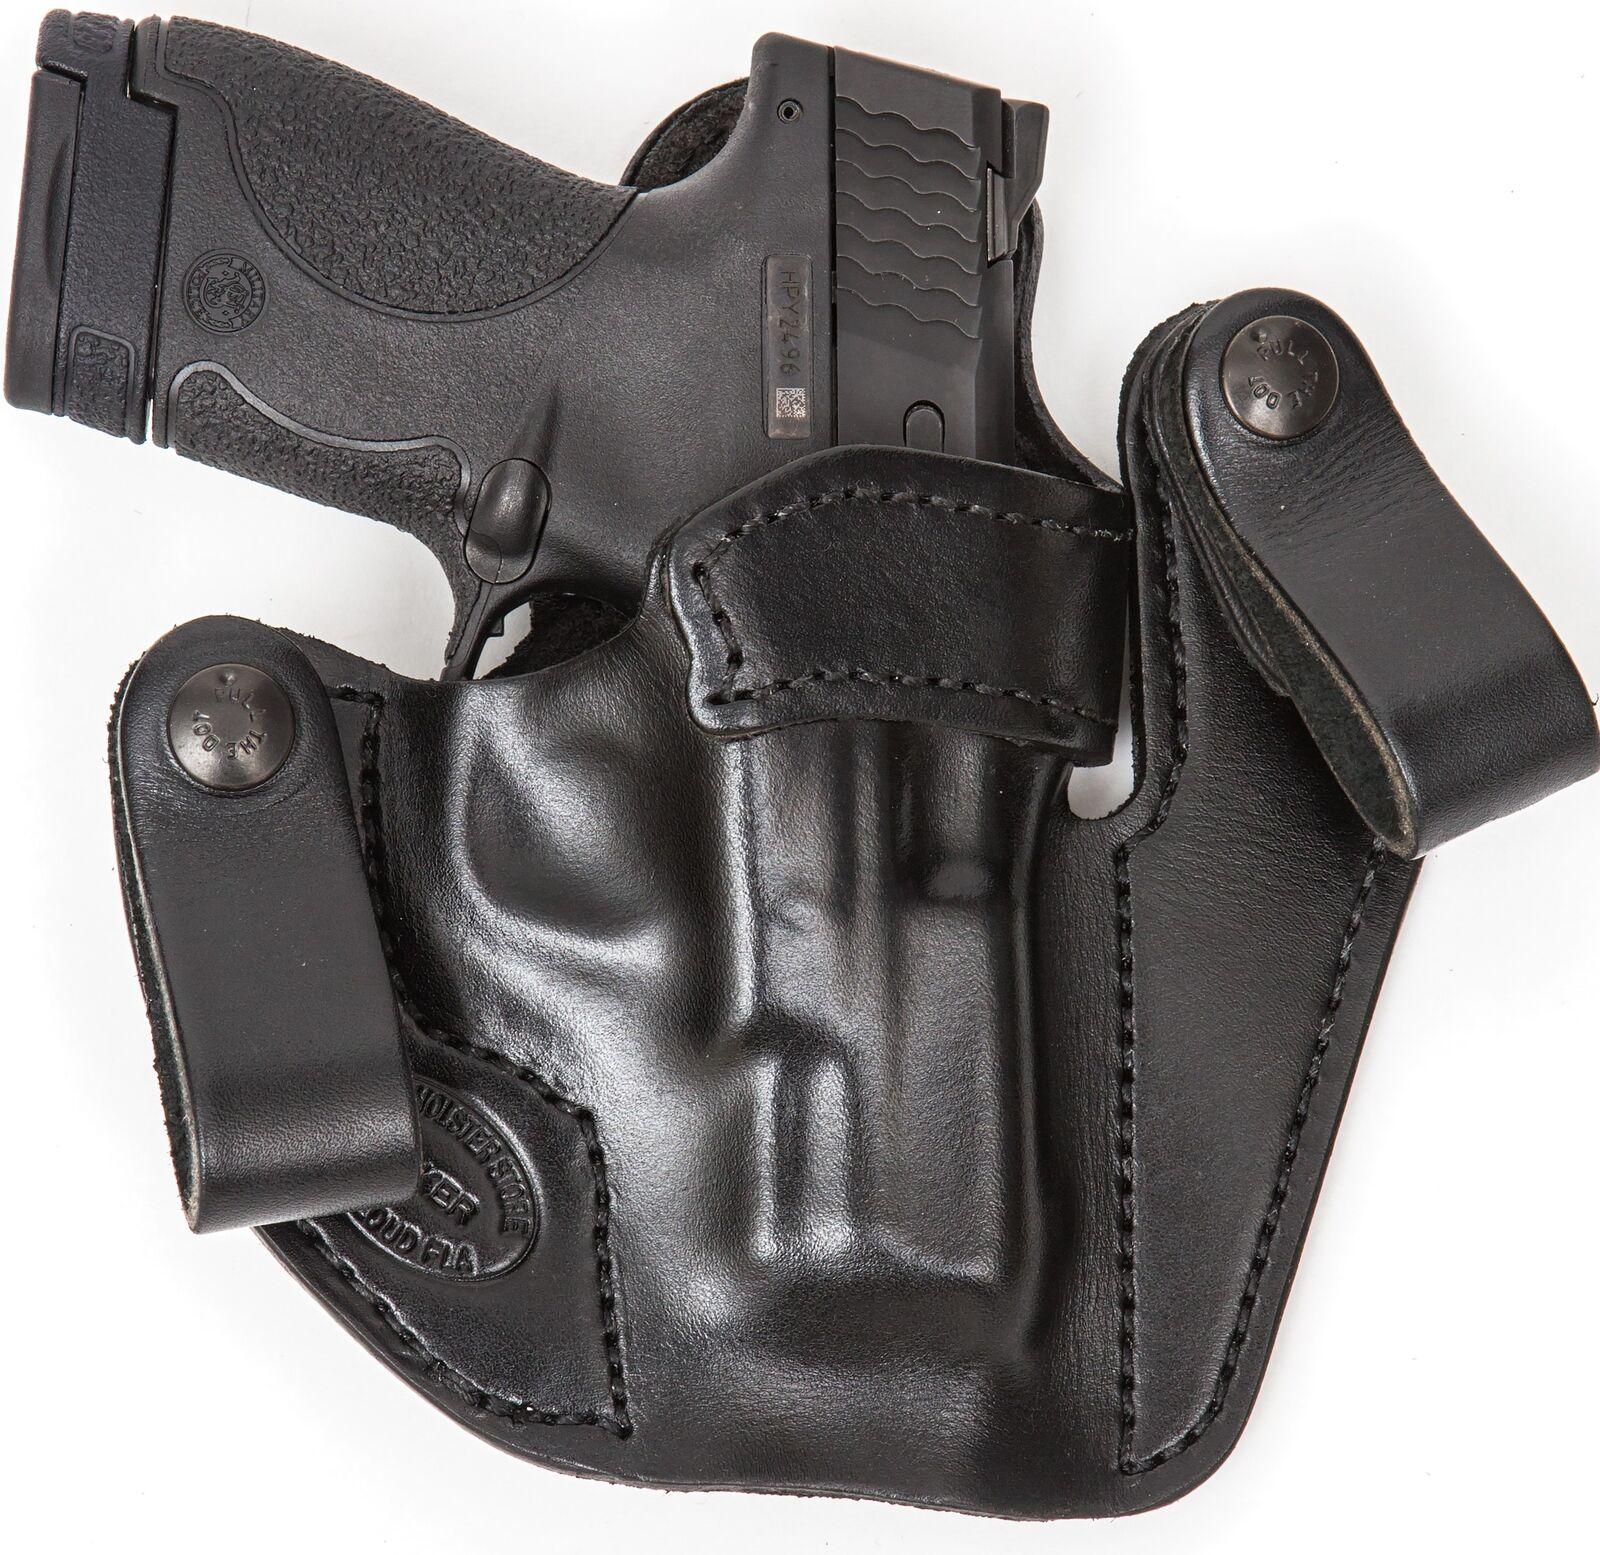 XTREME llevar RH LH dentro de la cintura de cuero Funda Pistola para Springfield 911 380